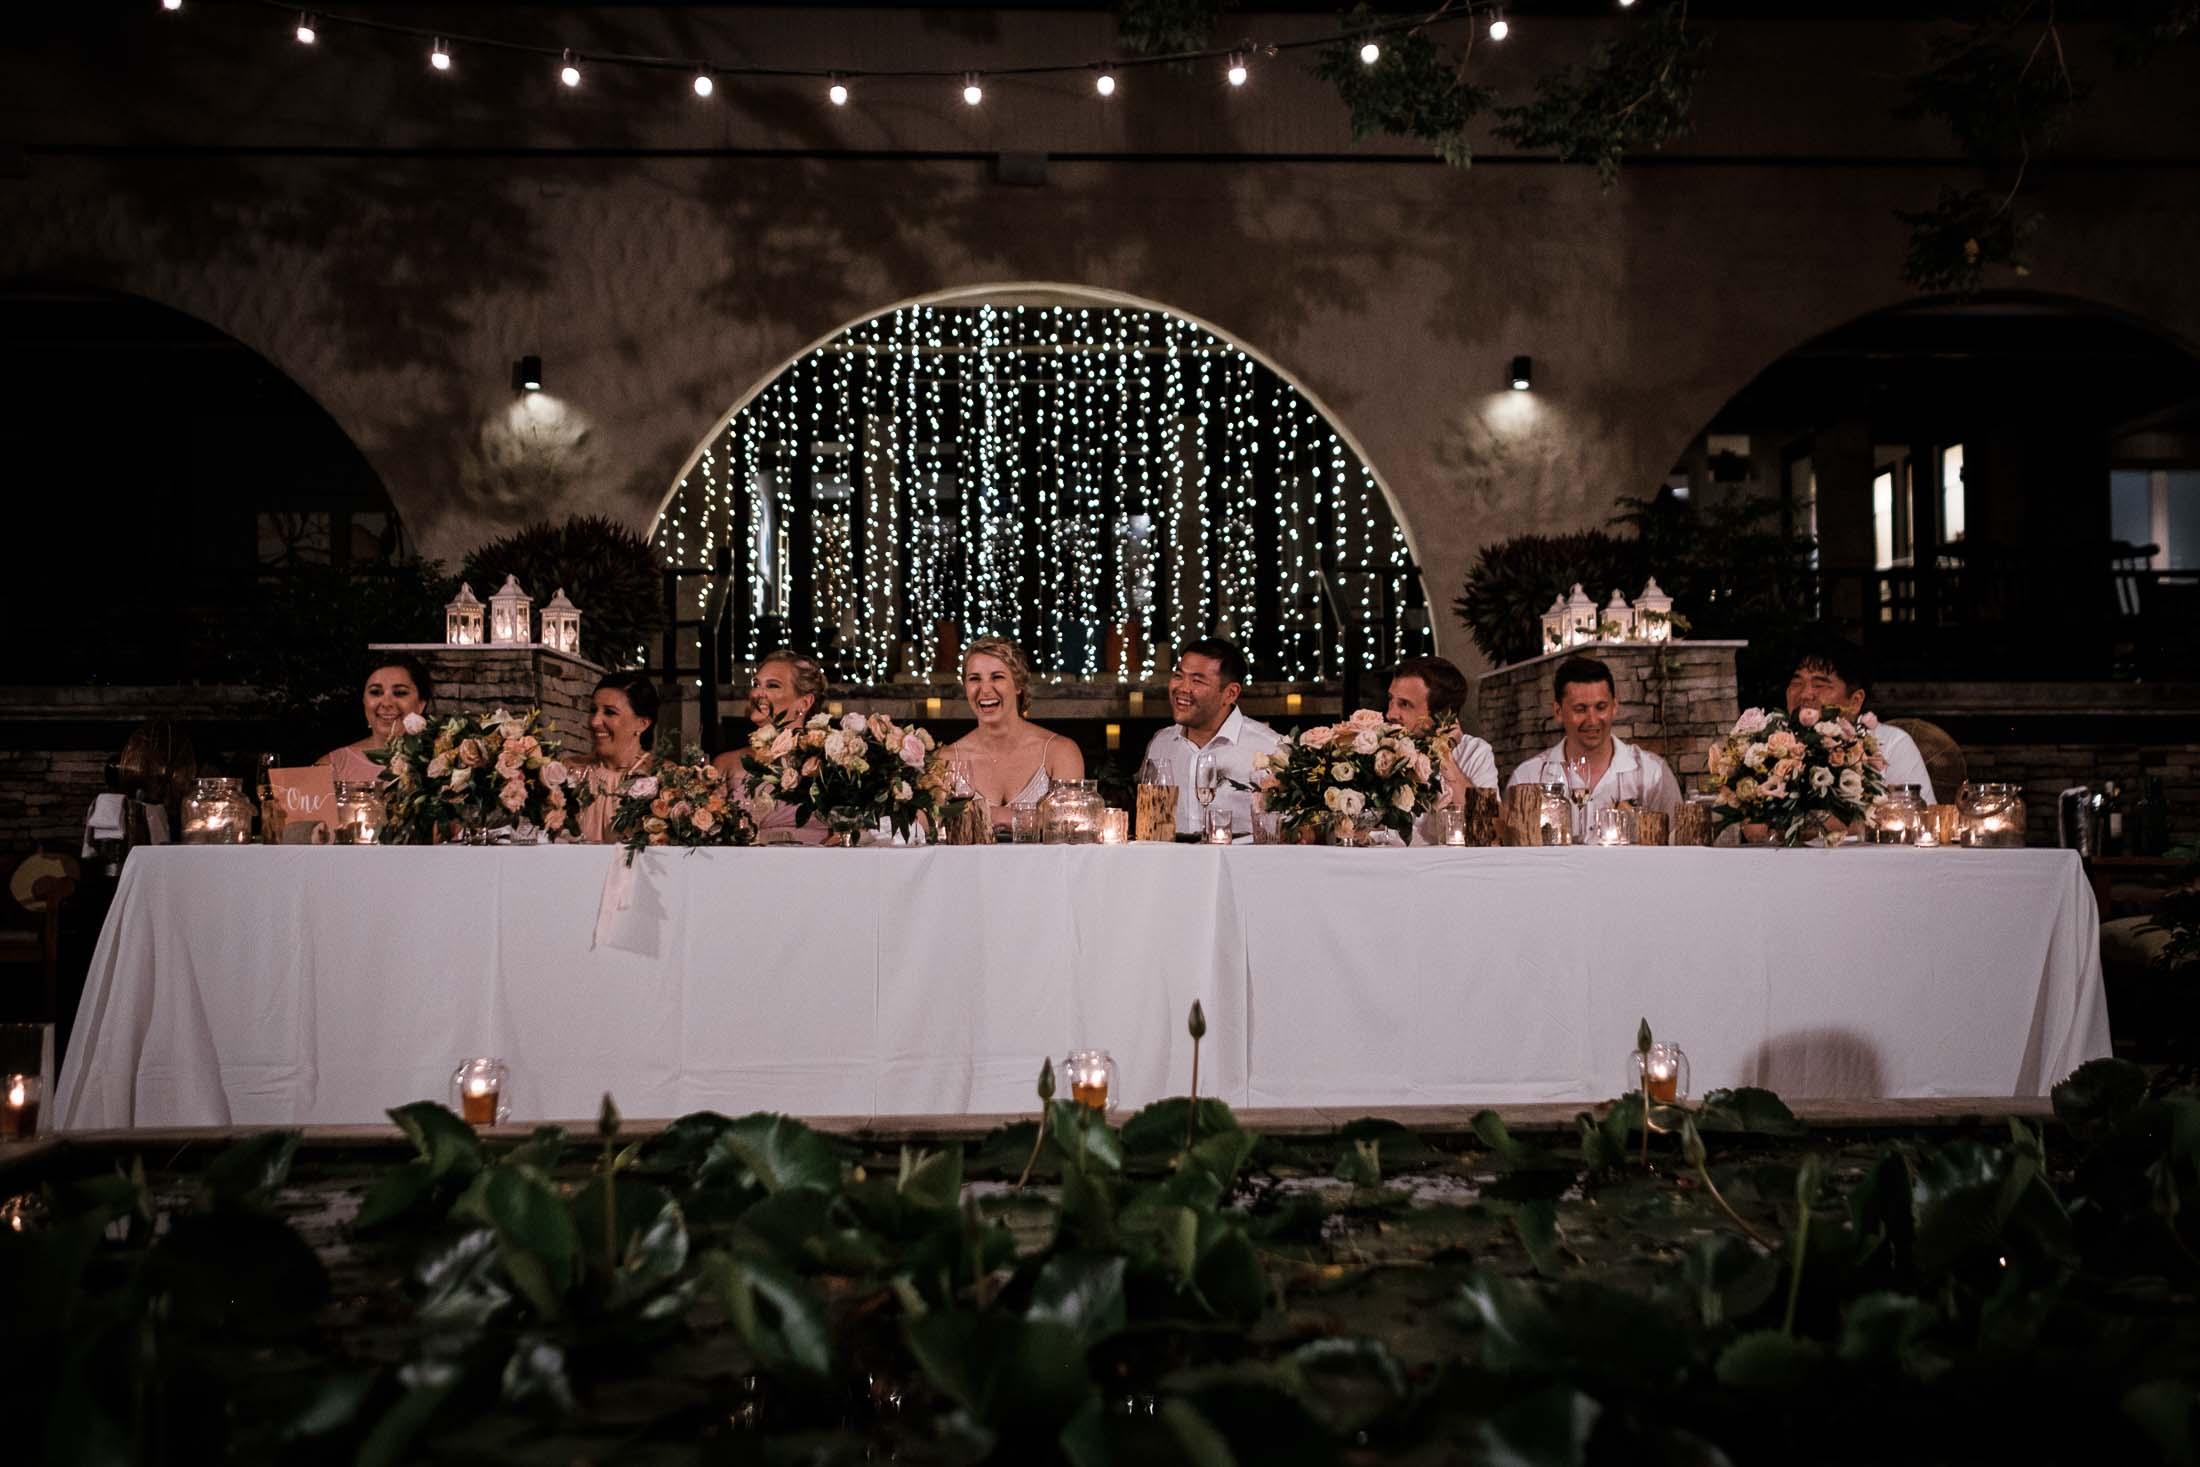 Photographe Mariage Thailande soirée réception